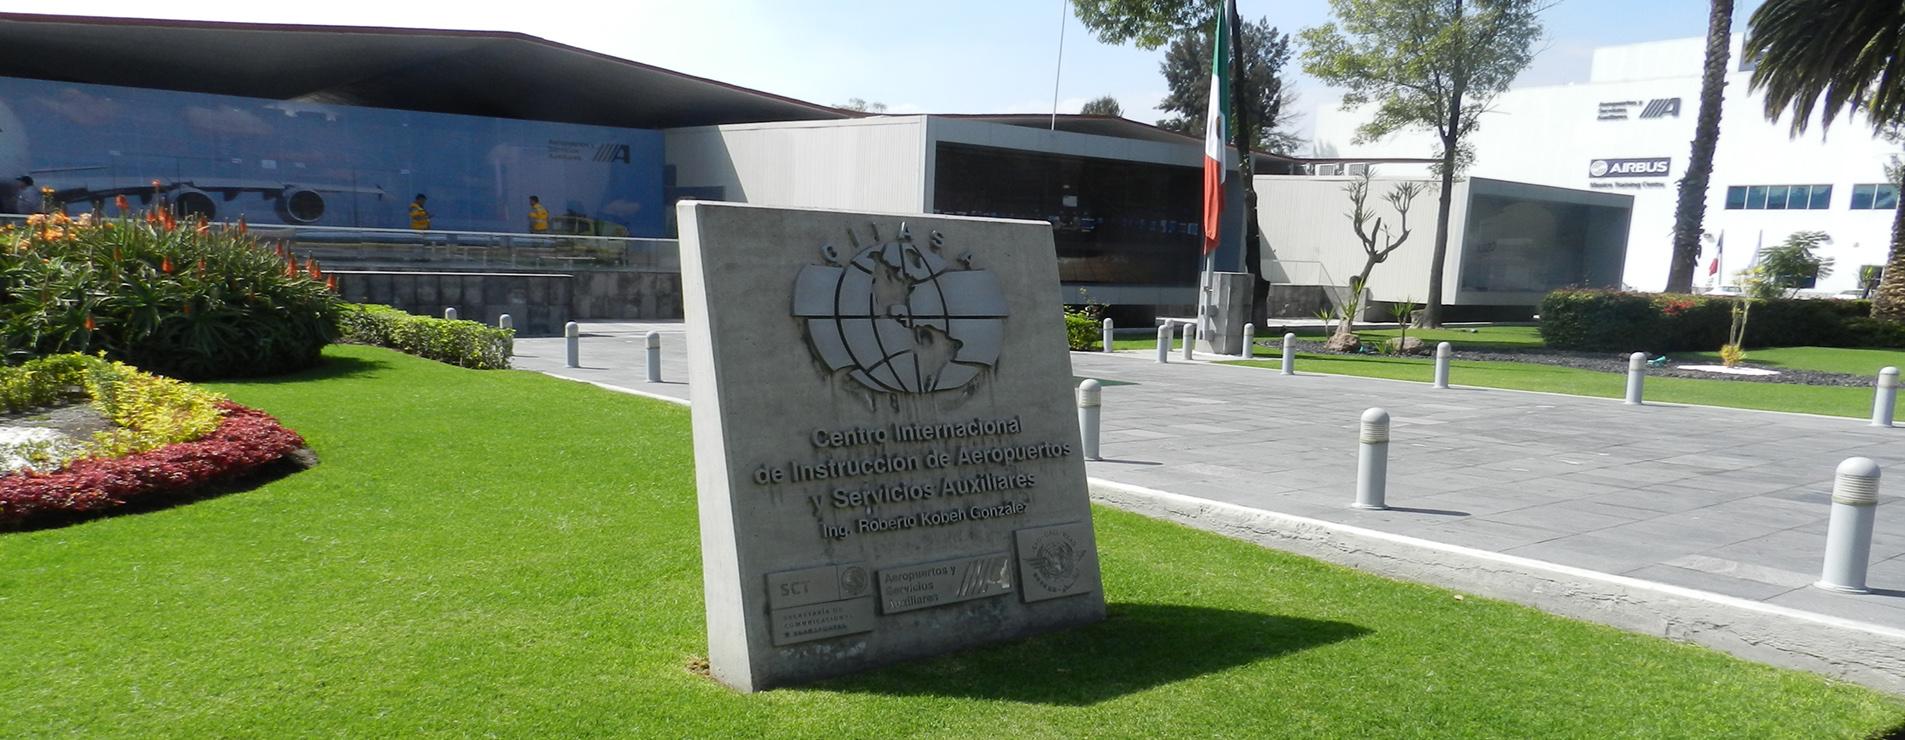 Si quieres aprender más sobre aviación IATA México trae nuevos cursos para ti